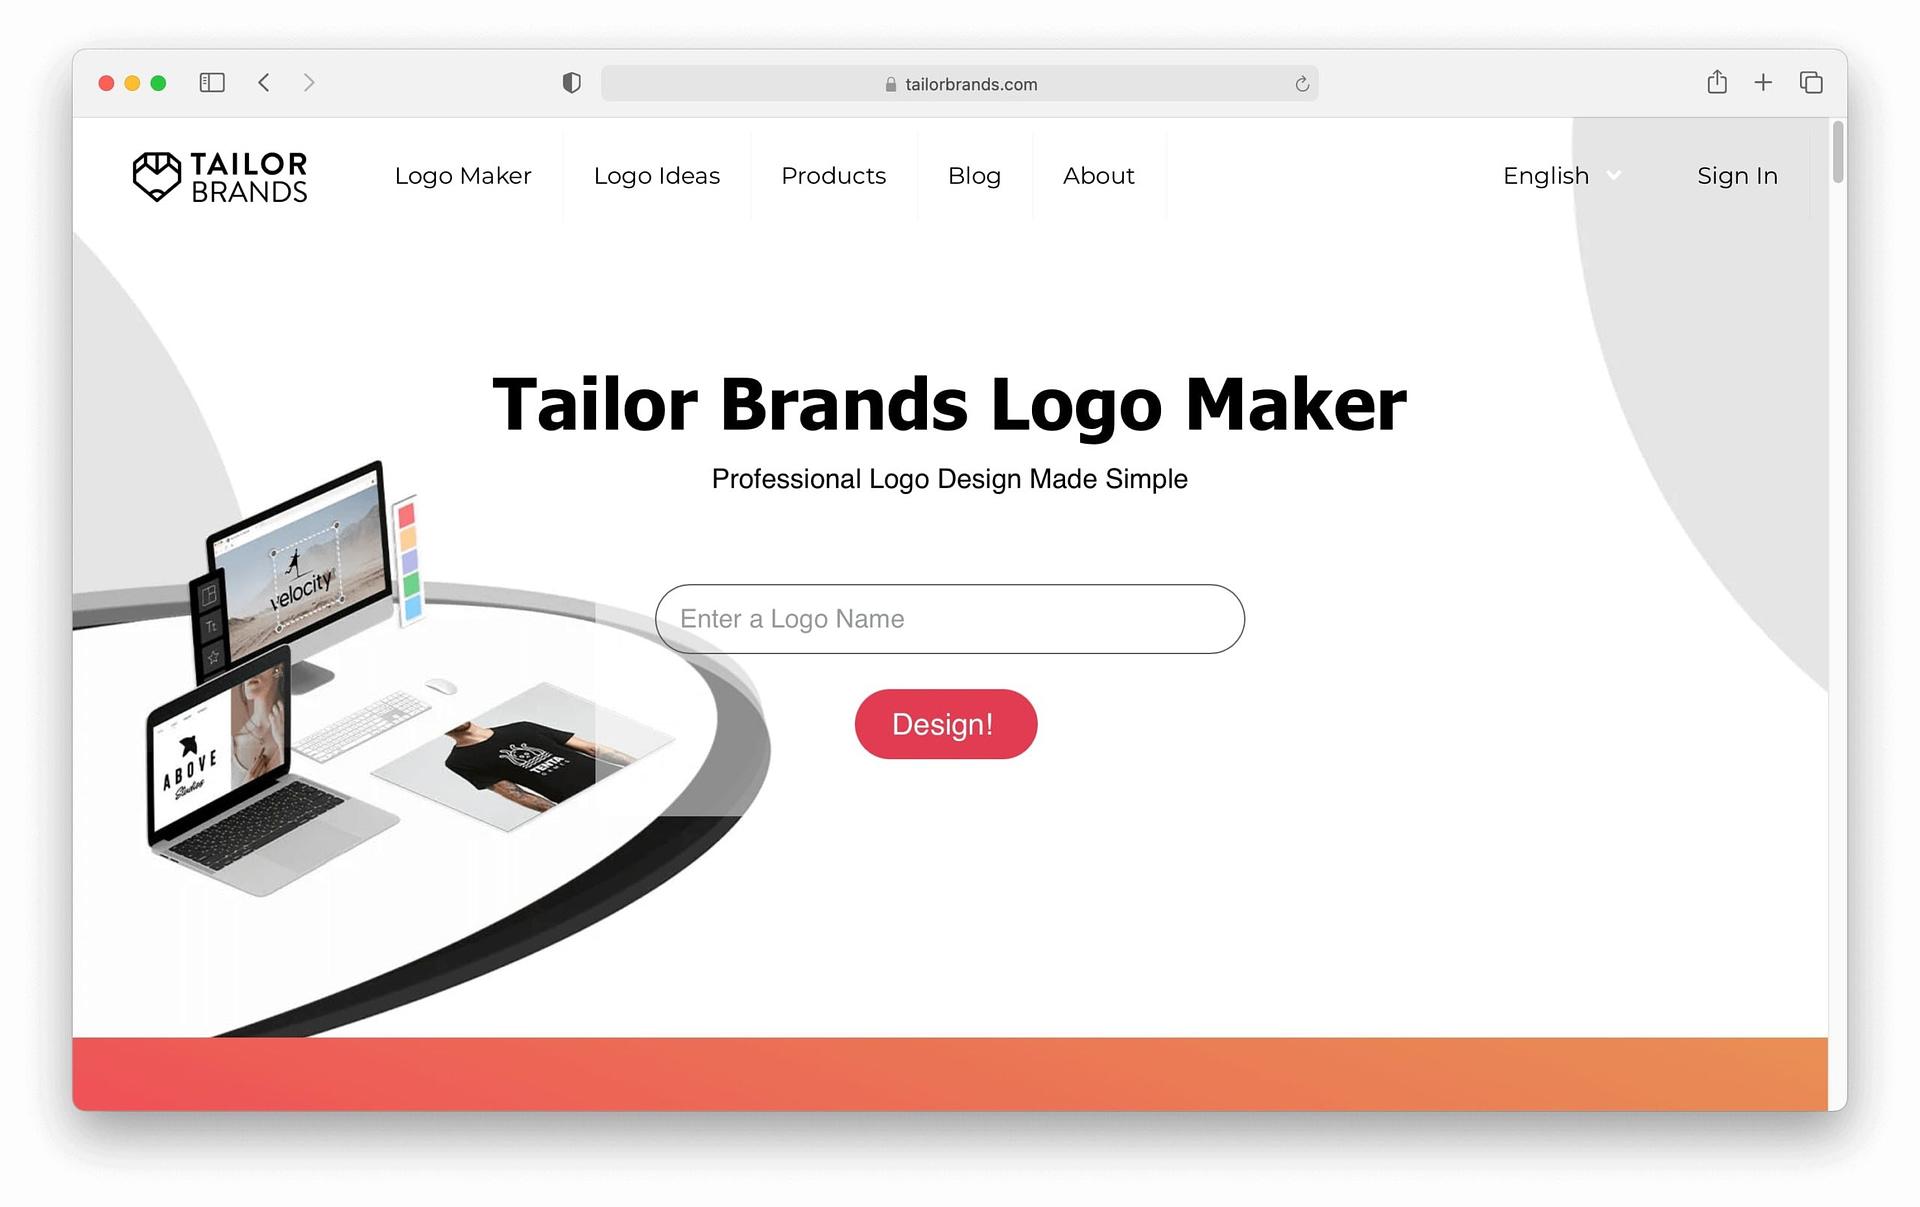 Best logo maker #1: Tailor Brands